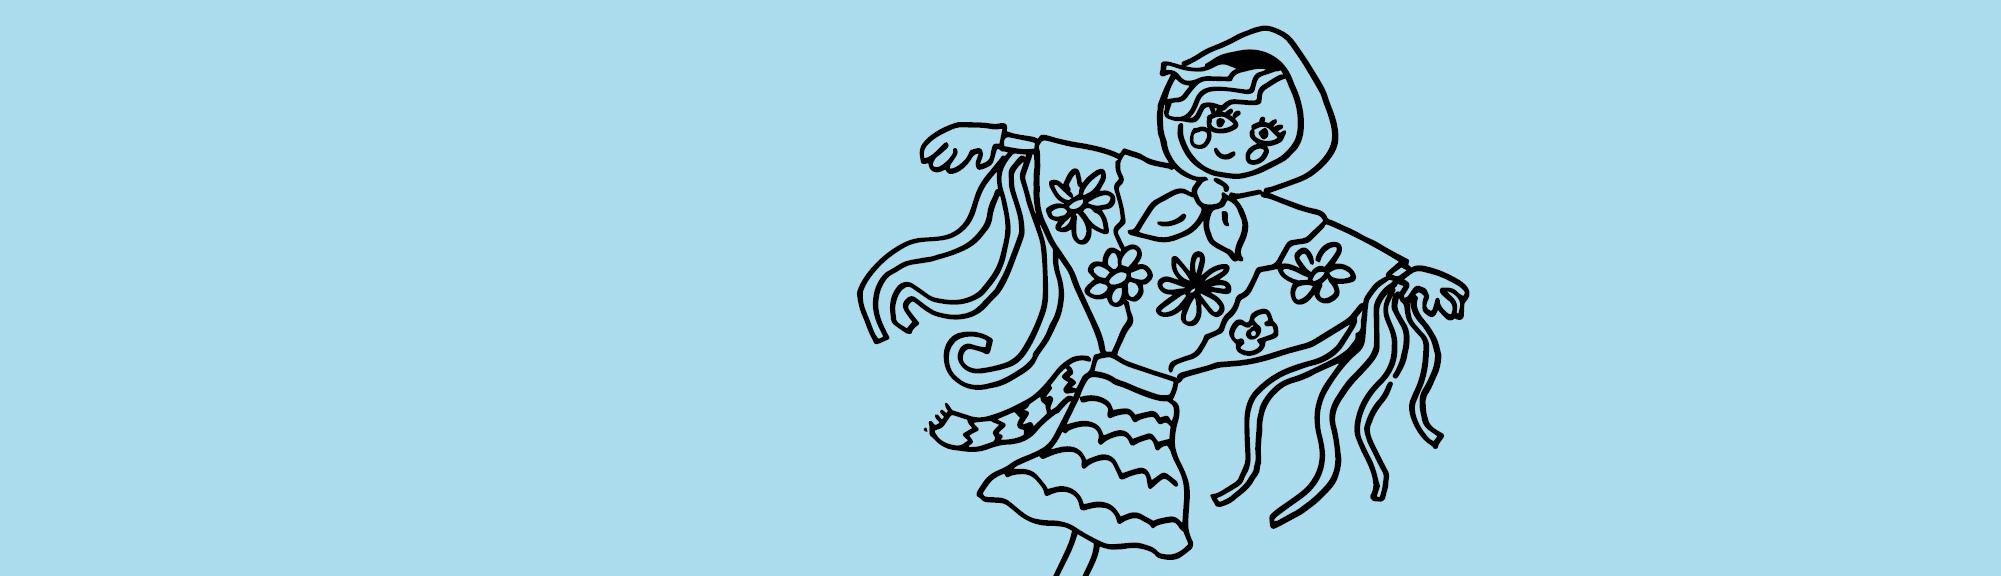 Kolorowanka – Tradycje i obrzędy: topienie Marzanny